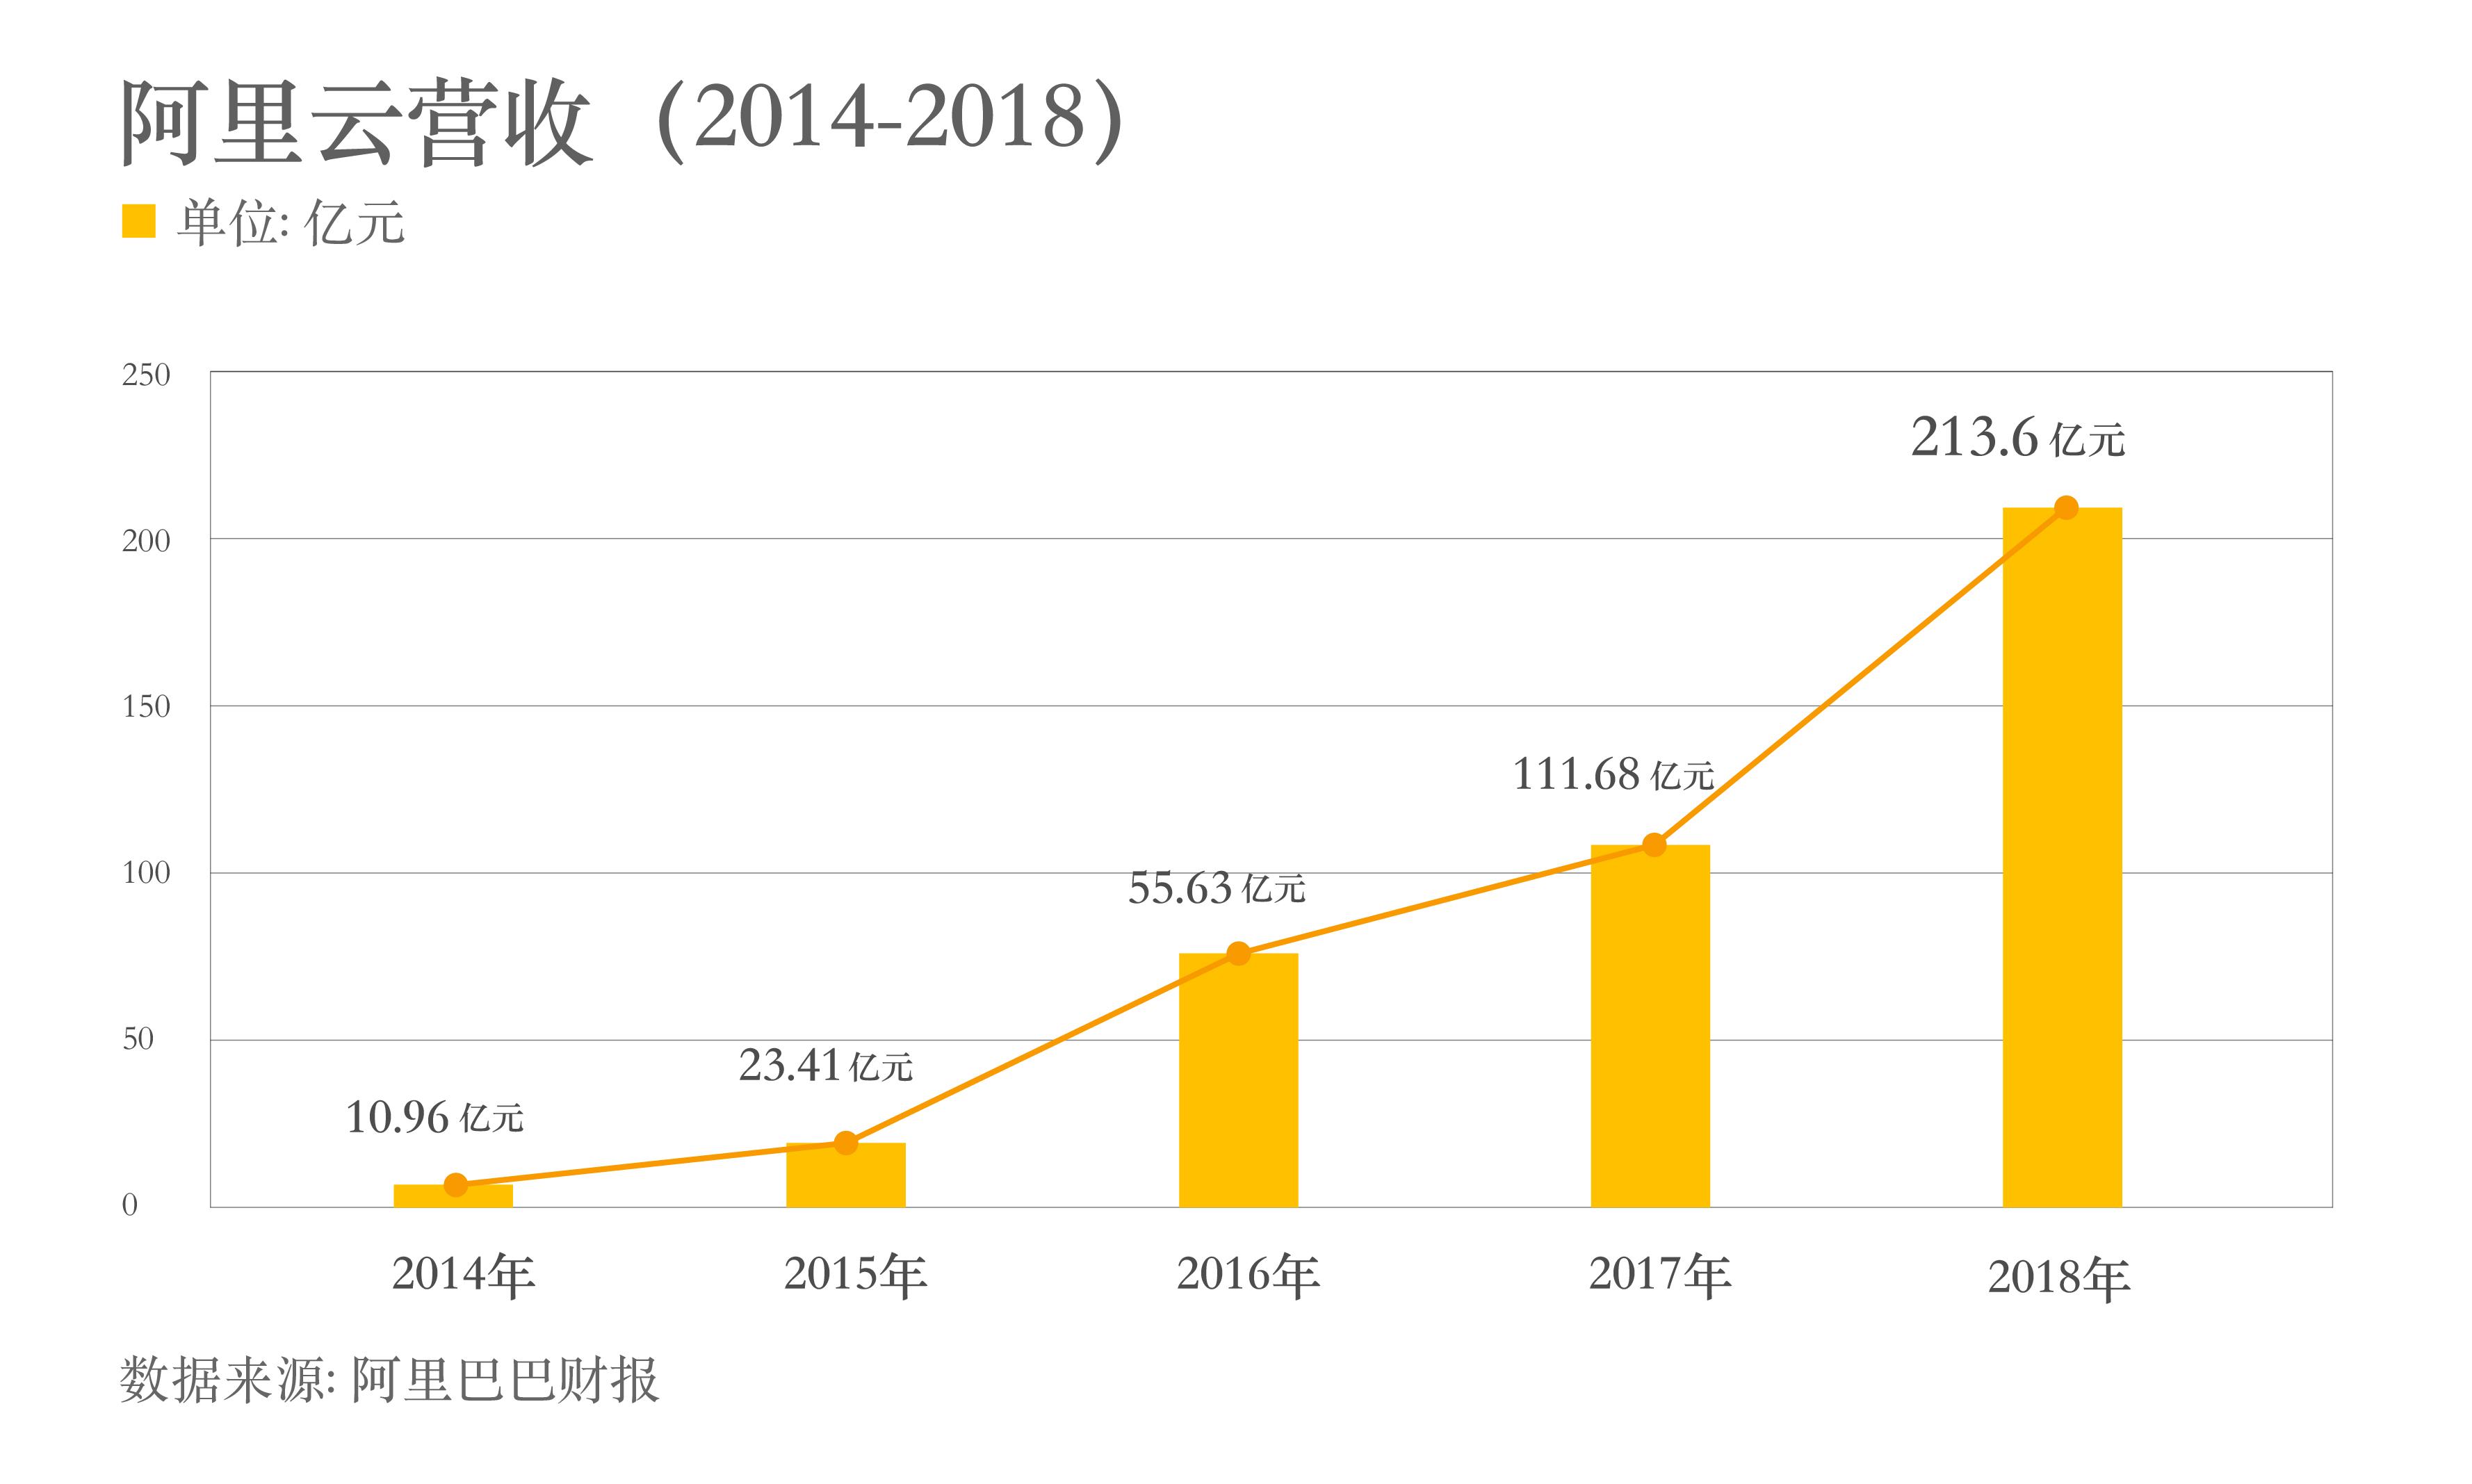 阿里云年营收达213.6亿 4年增长20倍